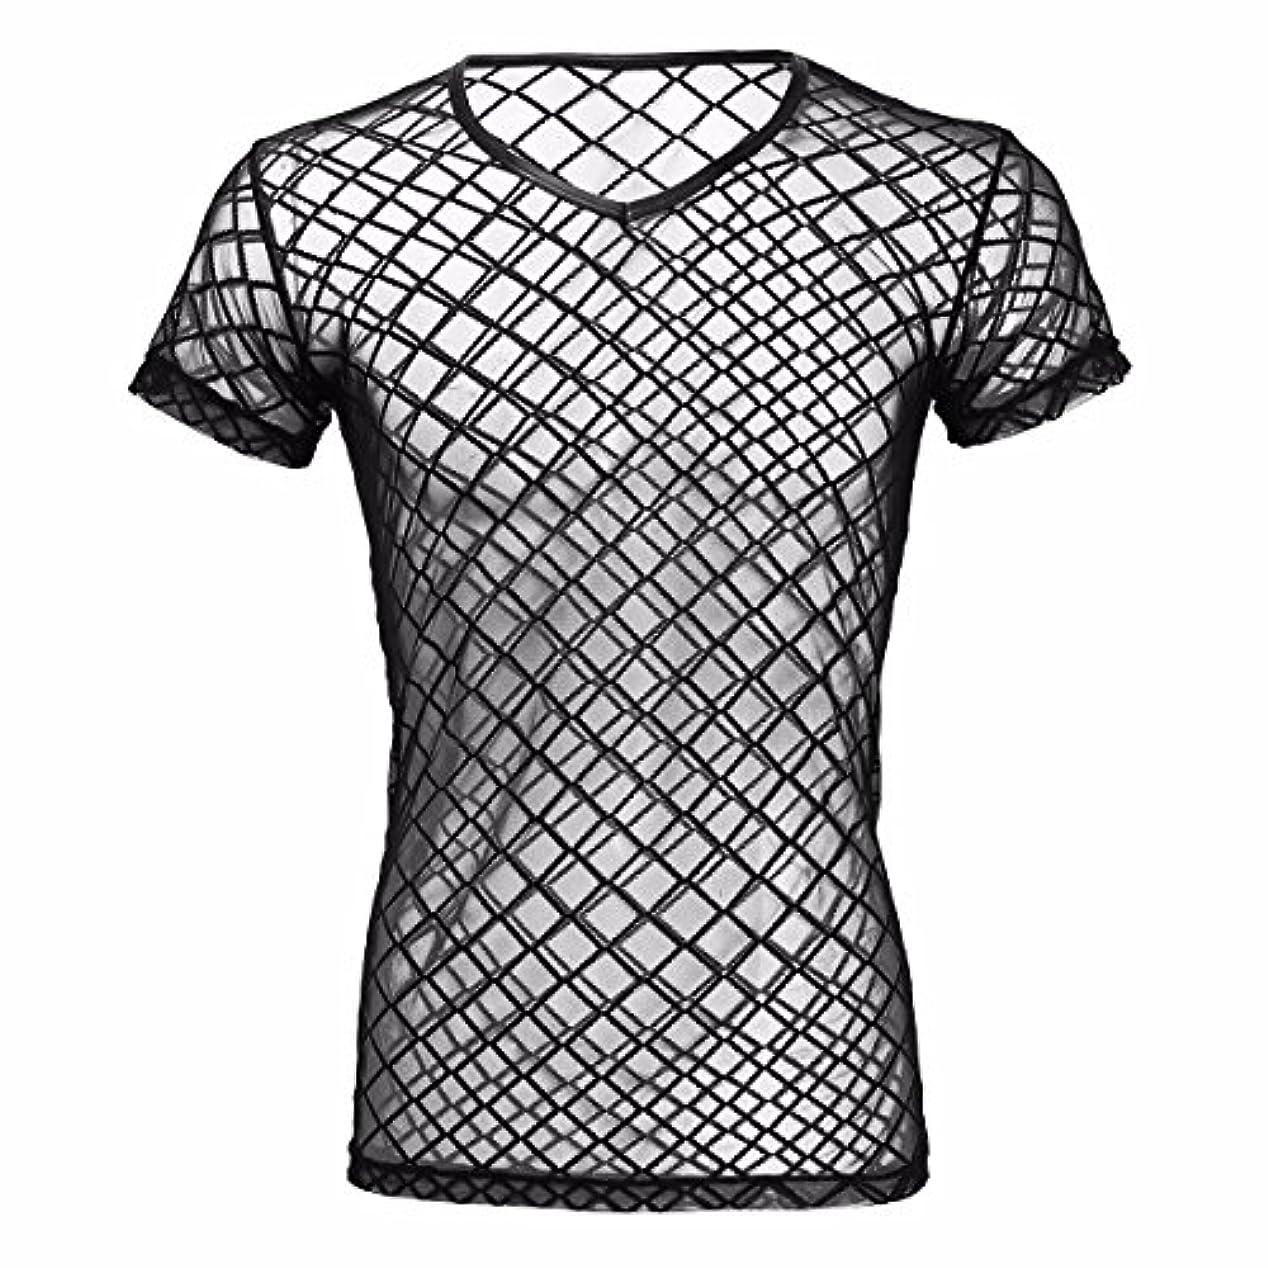 プランテーション電子レンジ鼻(フィーショー) FEESHOW タンクトップ メンズ ベスト シースル ストレッチ スポーツウェア ジムウェア メッシュ 通気性良い メンズTシャツ